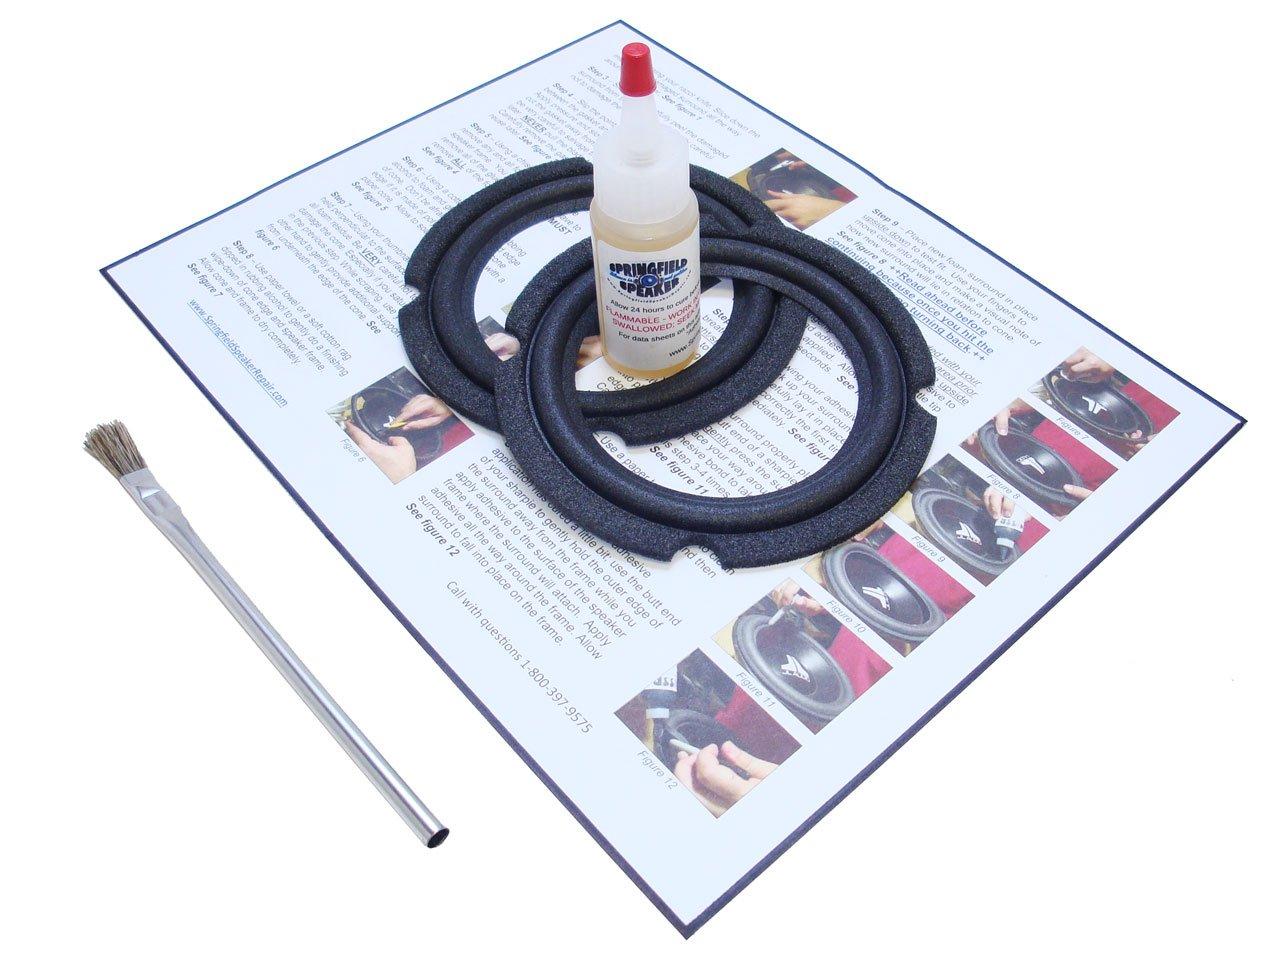 JBL 4.9'' Control 1 Speaker Foam Surround Repair Kit